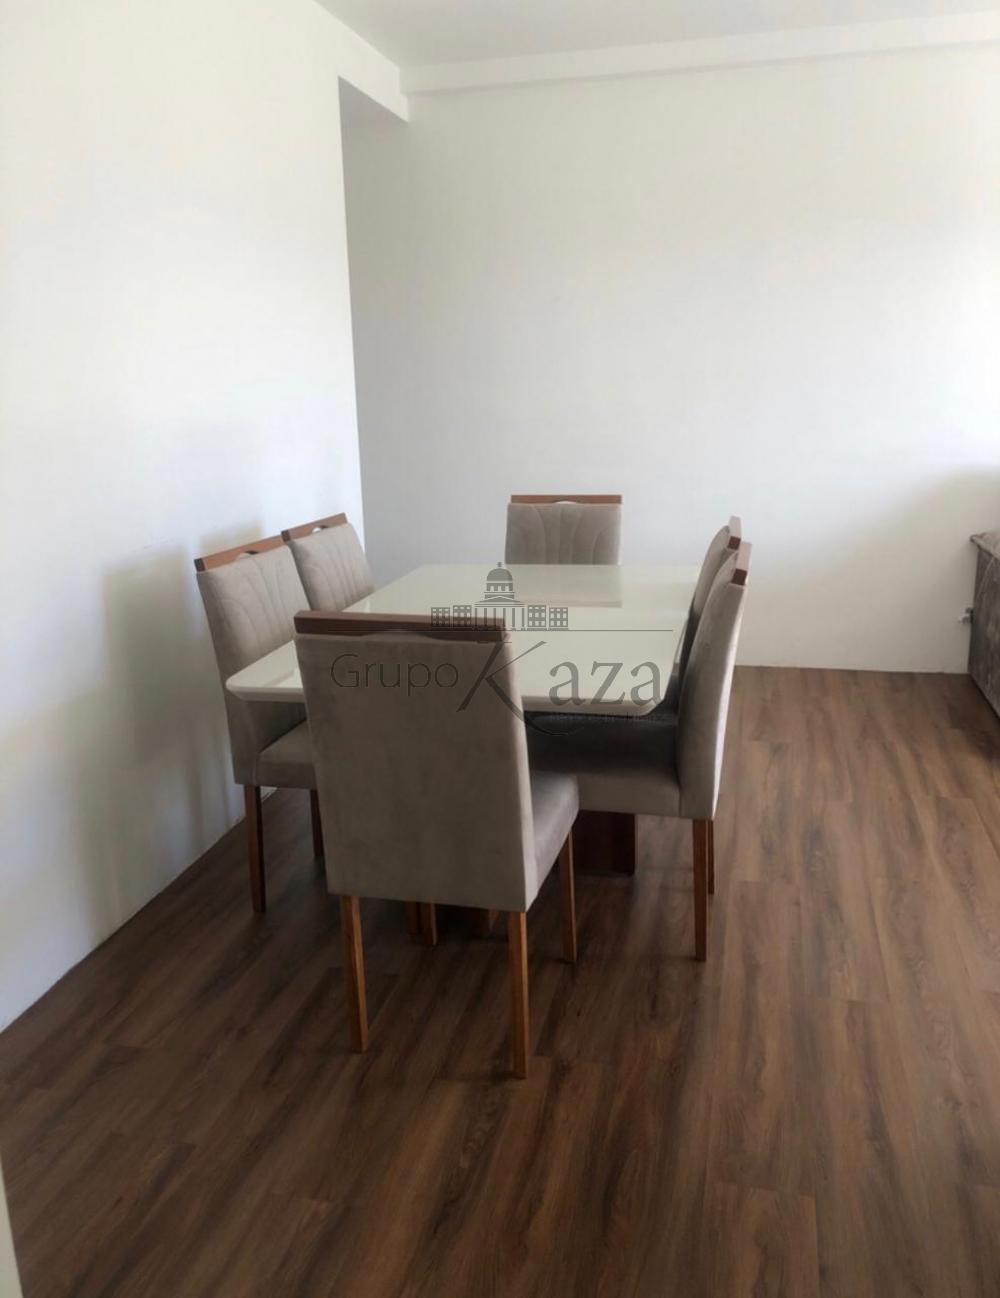 alt='Comprar Apartamento / Padrão em Jacareí R$ 380.000,00 - Foto 4' title='Comprar Apartamento / Padrão em Jacareí R$ 380.000,00 - Foto 4'